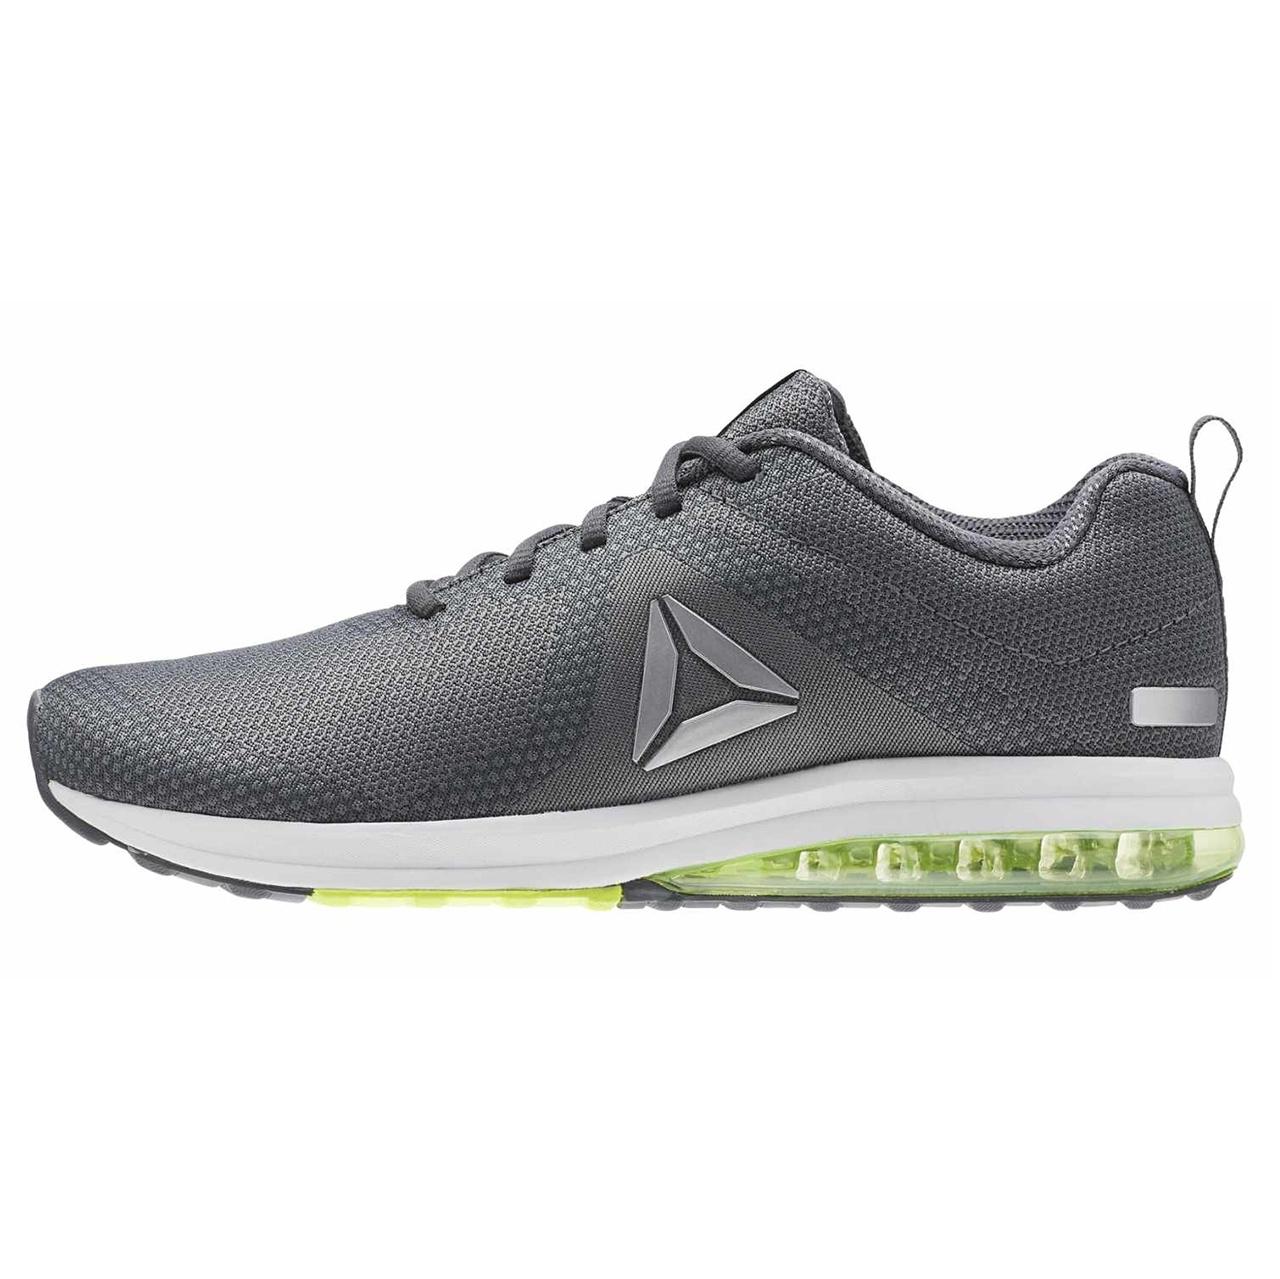 کفش مخصوص دویدن مردانه ریباک مدل JET DASHRIDE 6.0 SHOES - CN5446